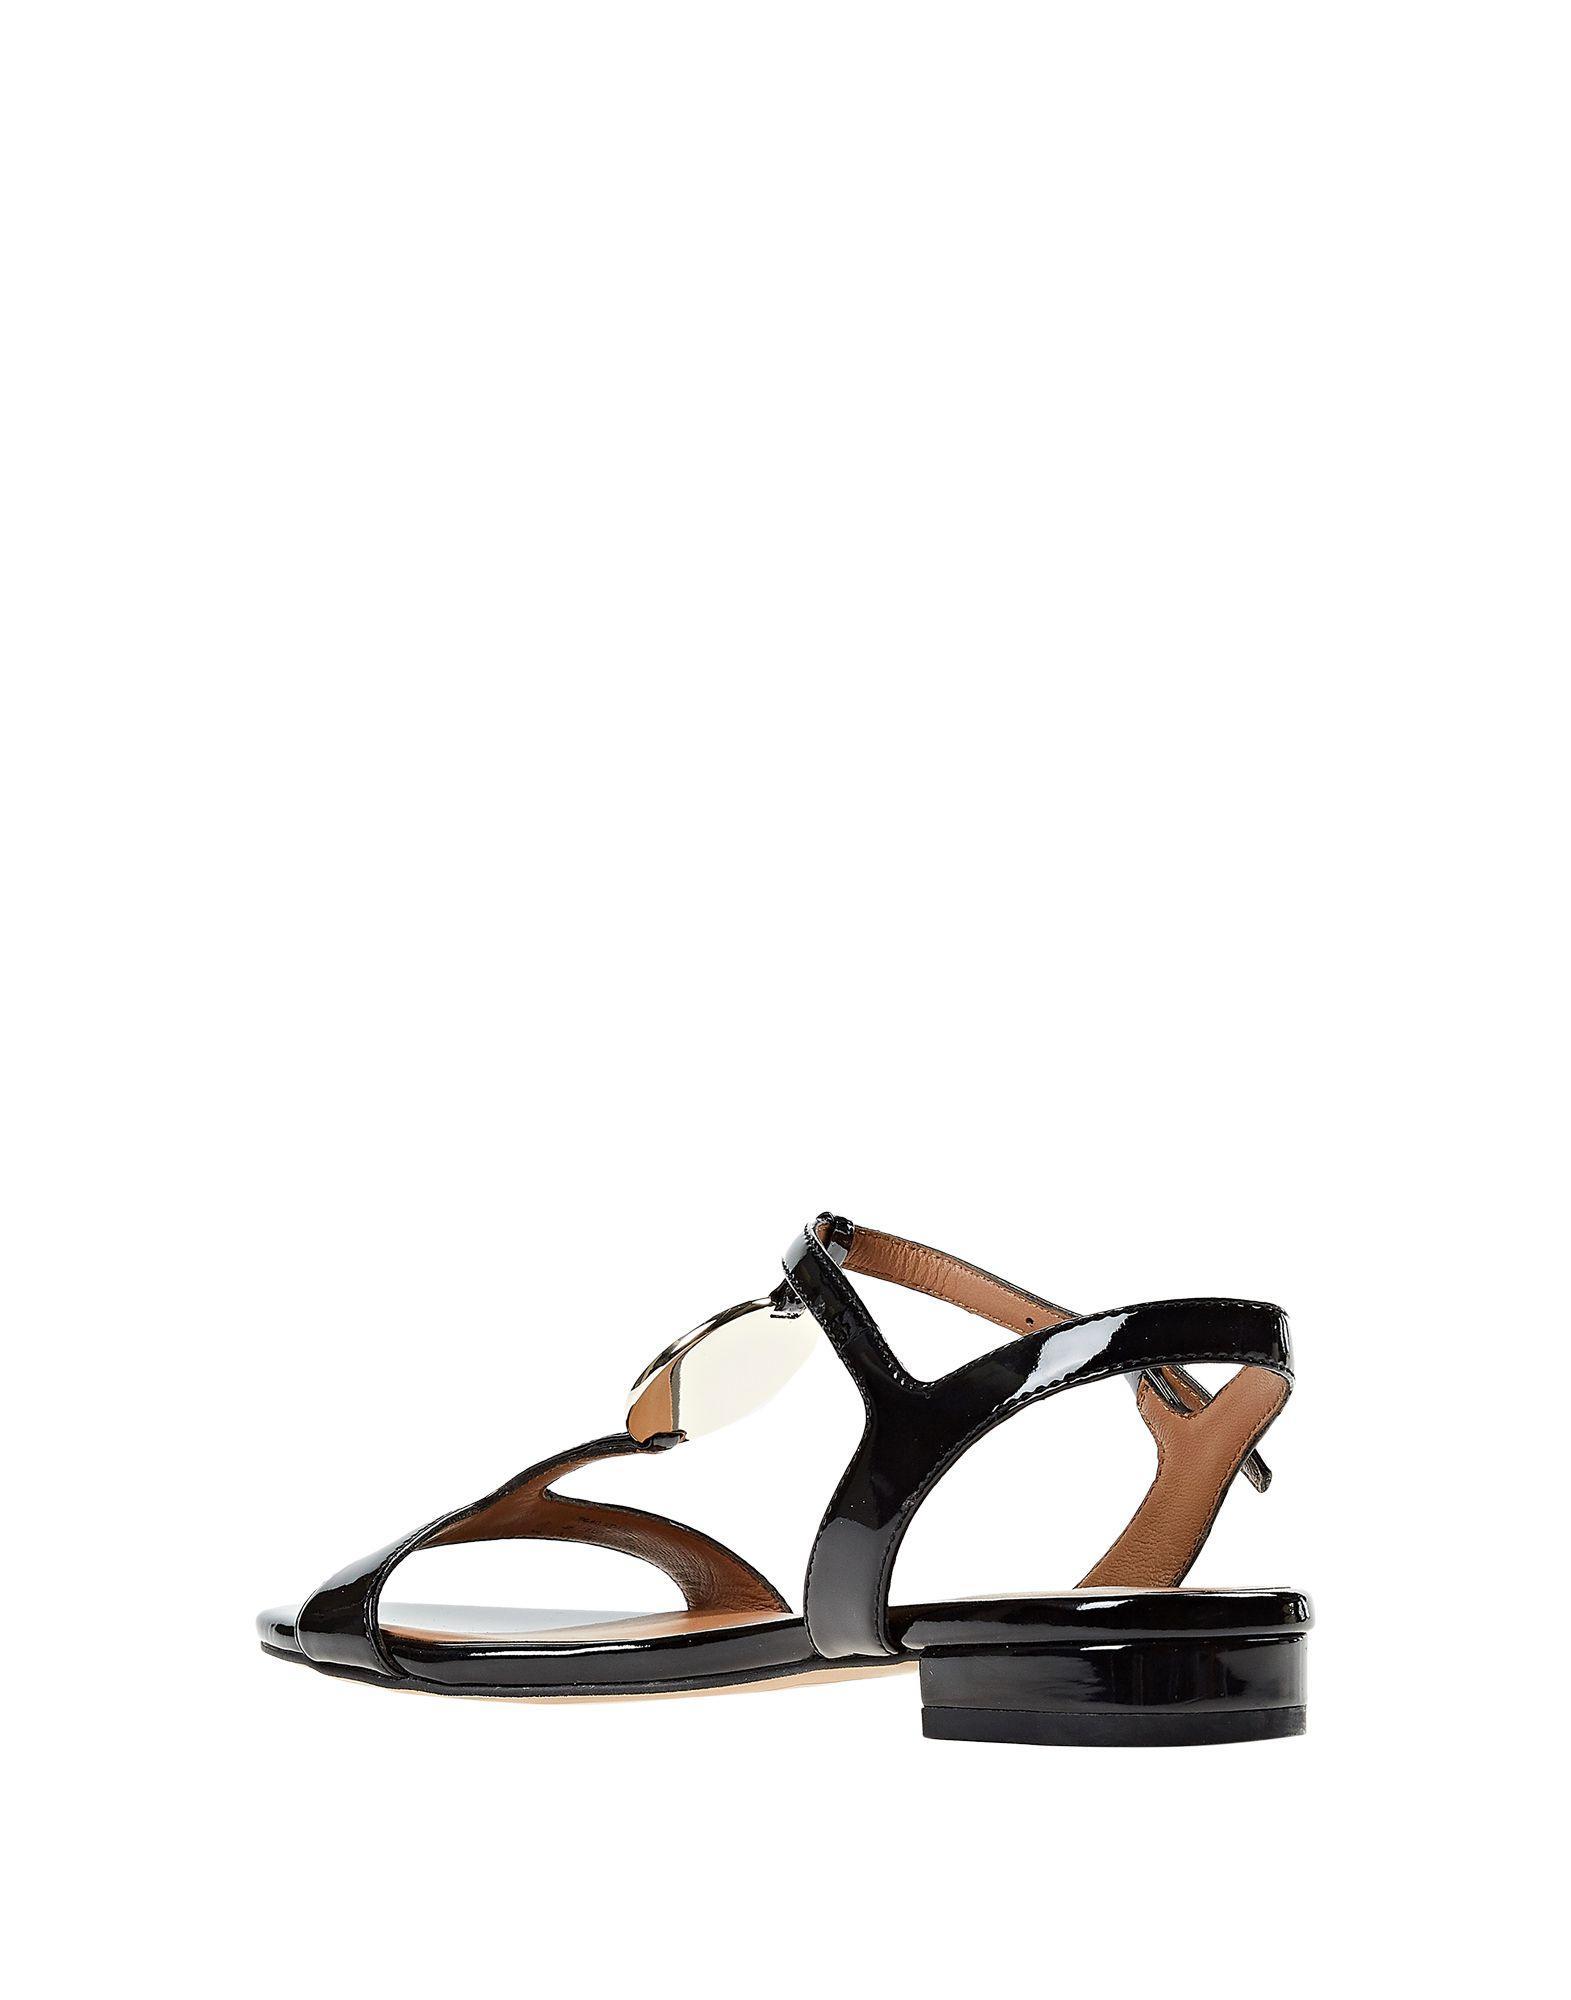 743ab9136a7b Lyst - Emporio Armani Sandals in Black